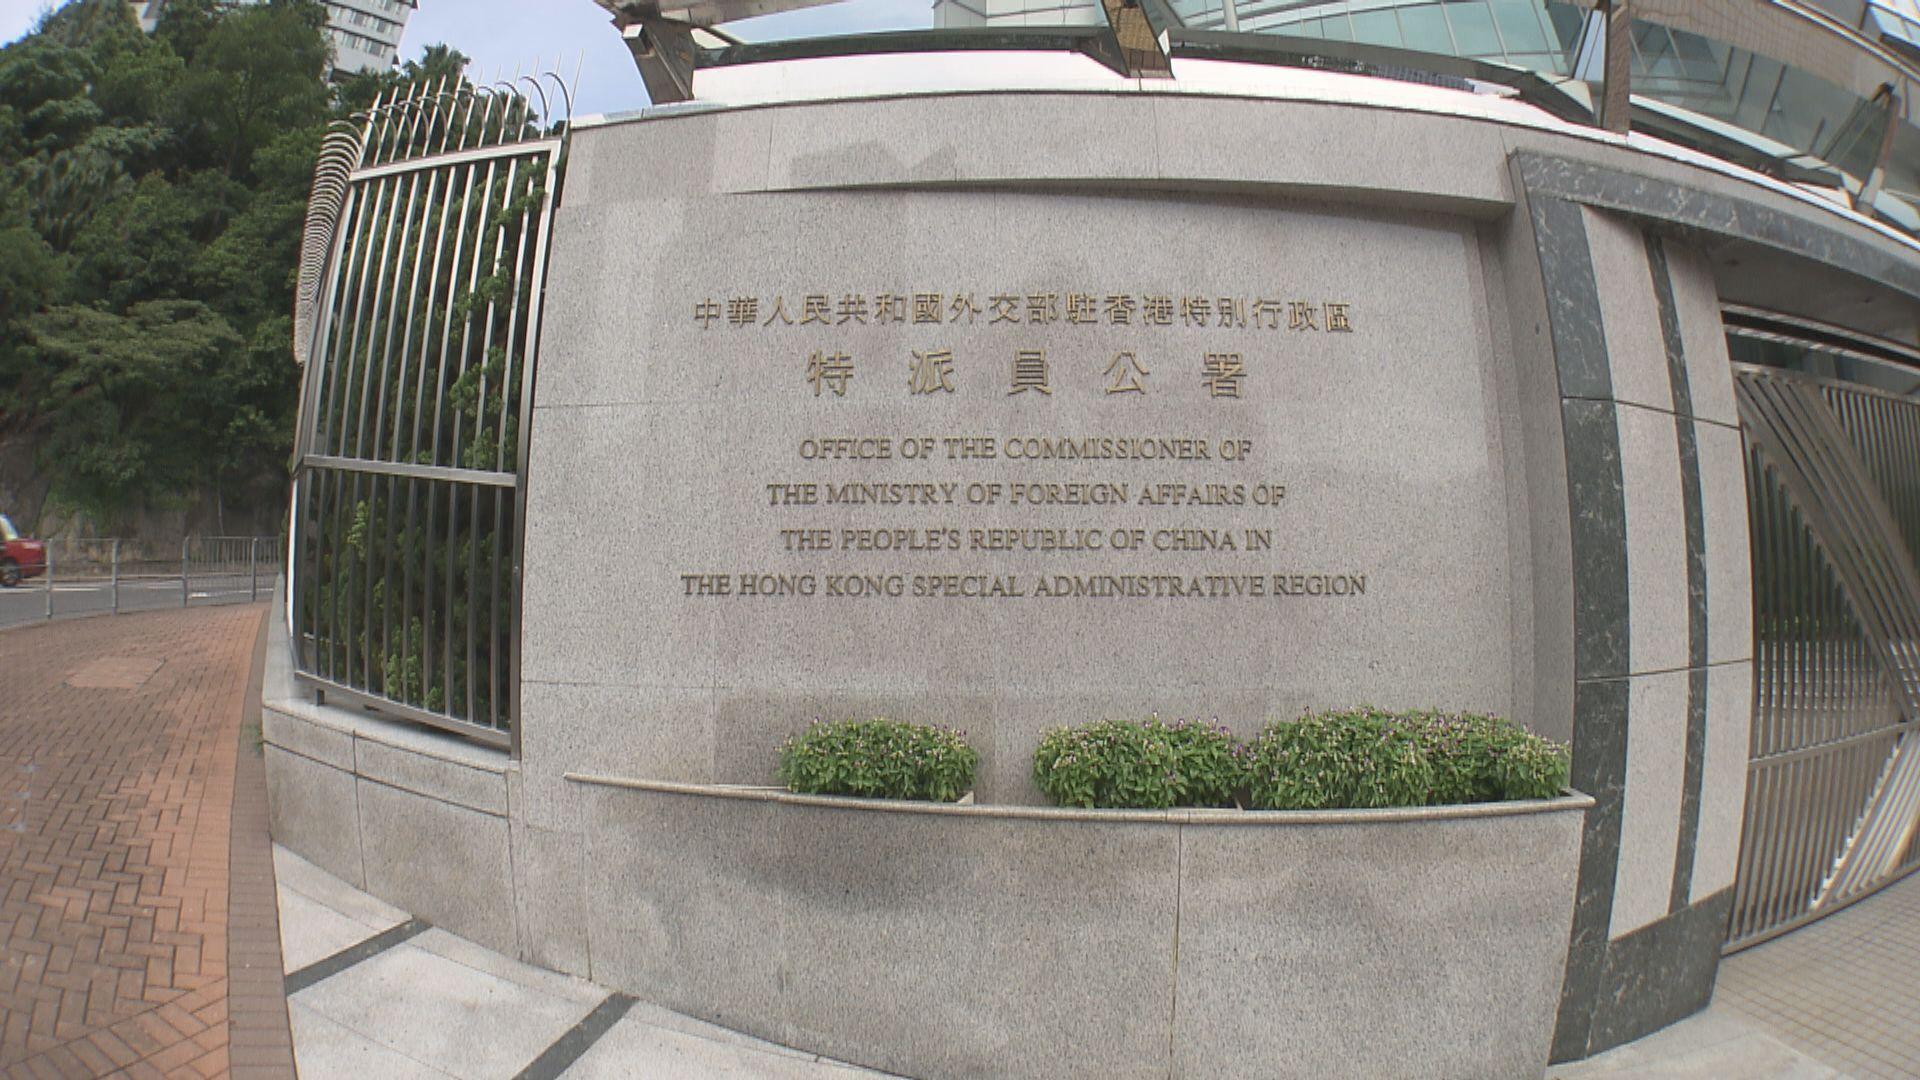 駐港公署:不要低估中國就港區國安法立法的堅定決心